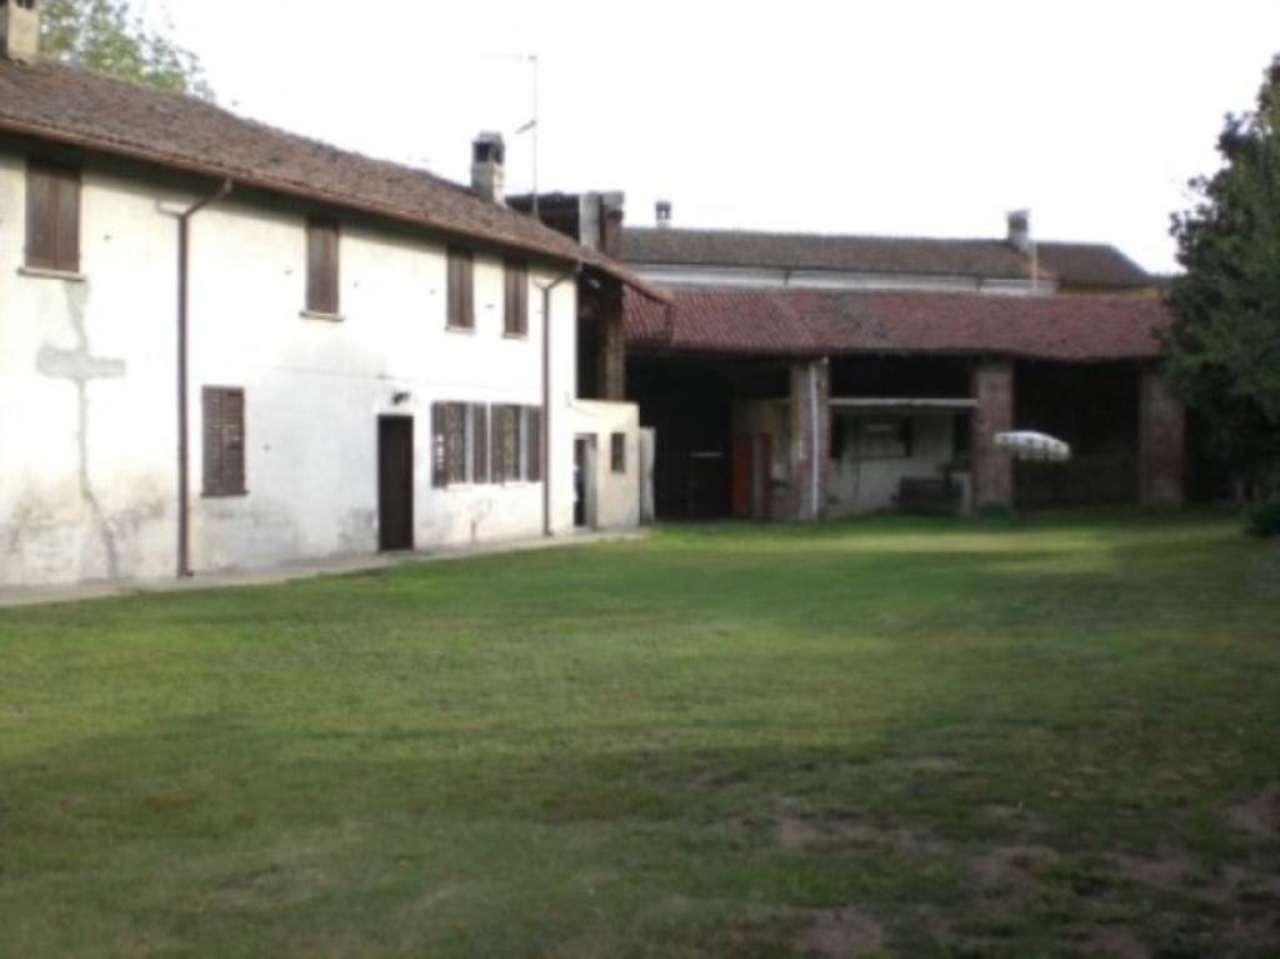 Rustico / Casale in vendita a Garlasco, 6 locali, prezzo € 250.000 | Cambio Casa.it